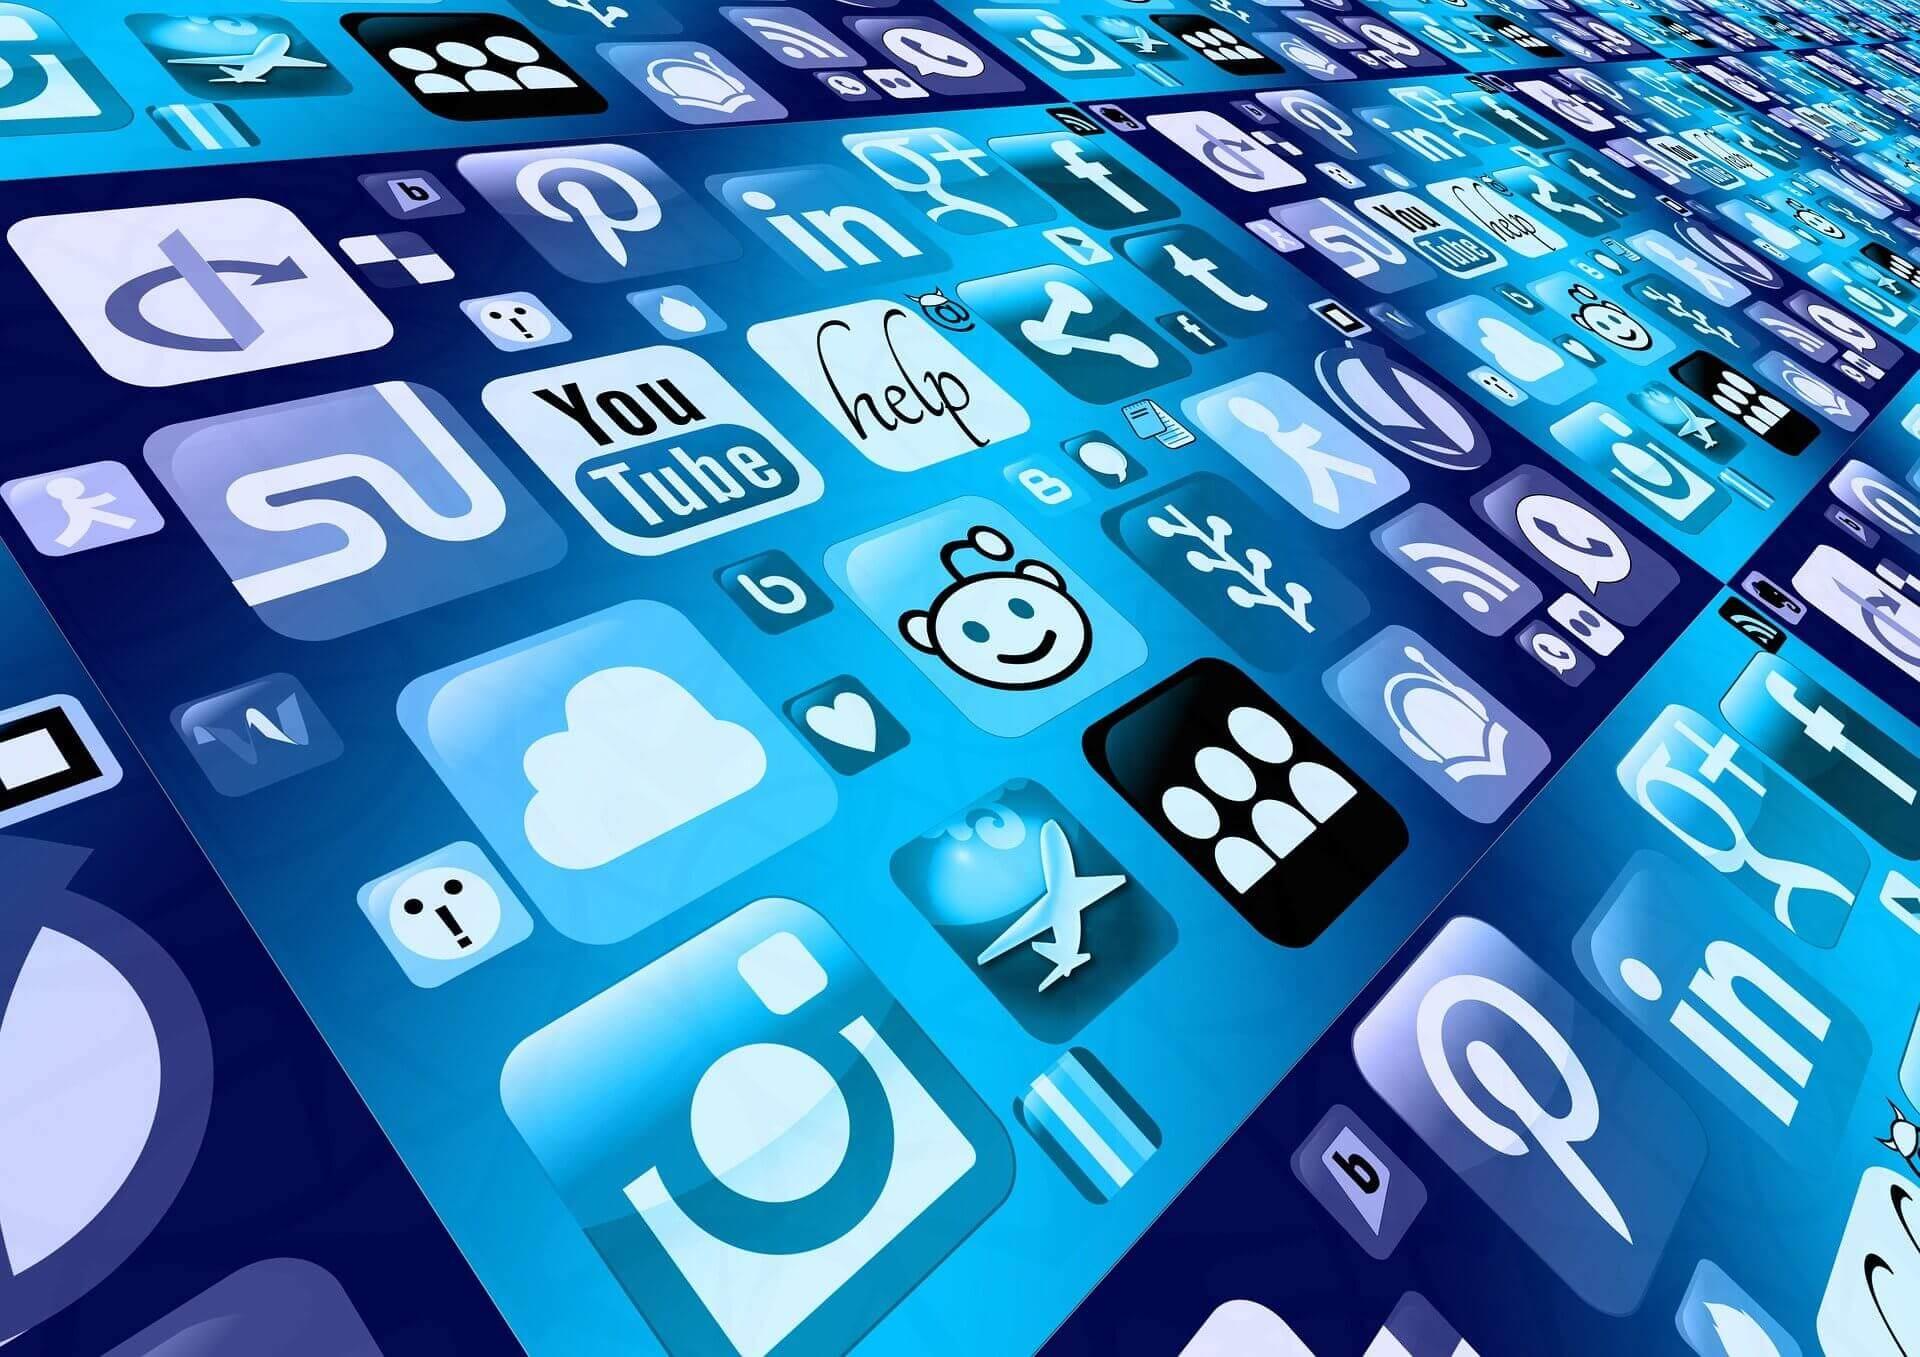 Les réseaux sociaux littéraires